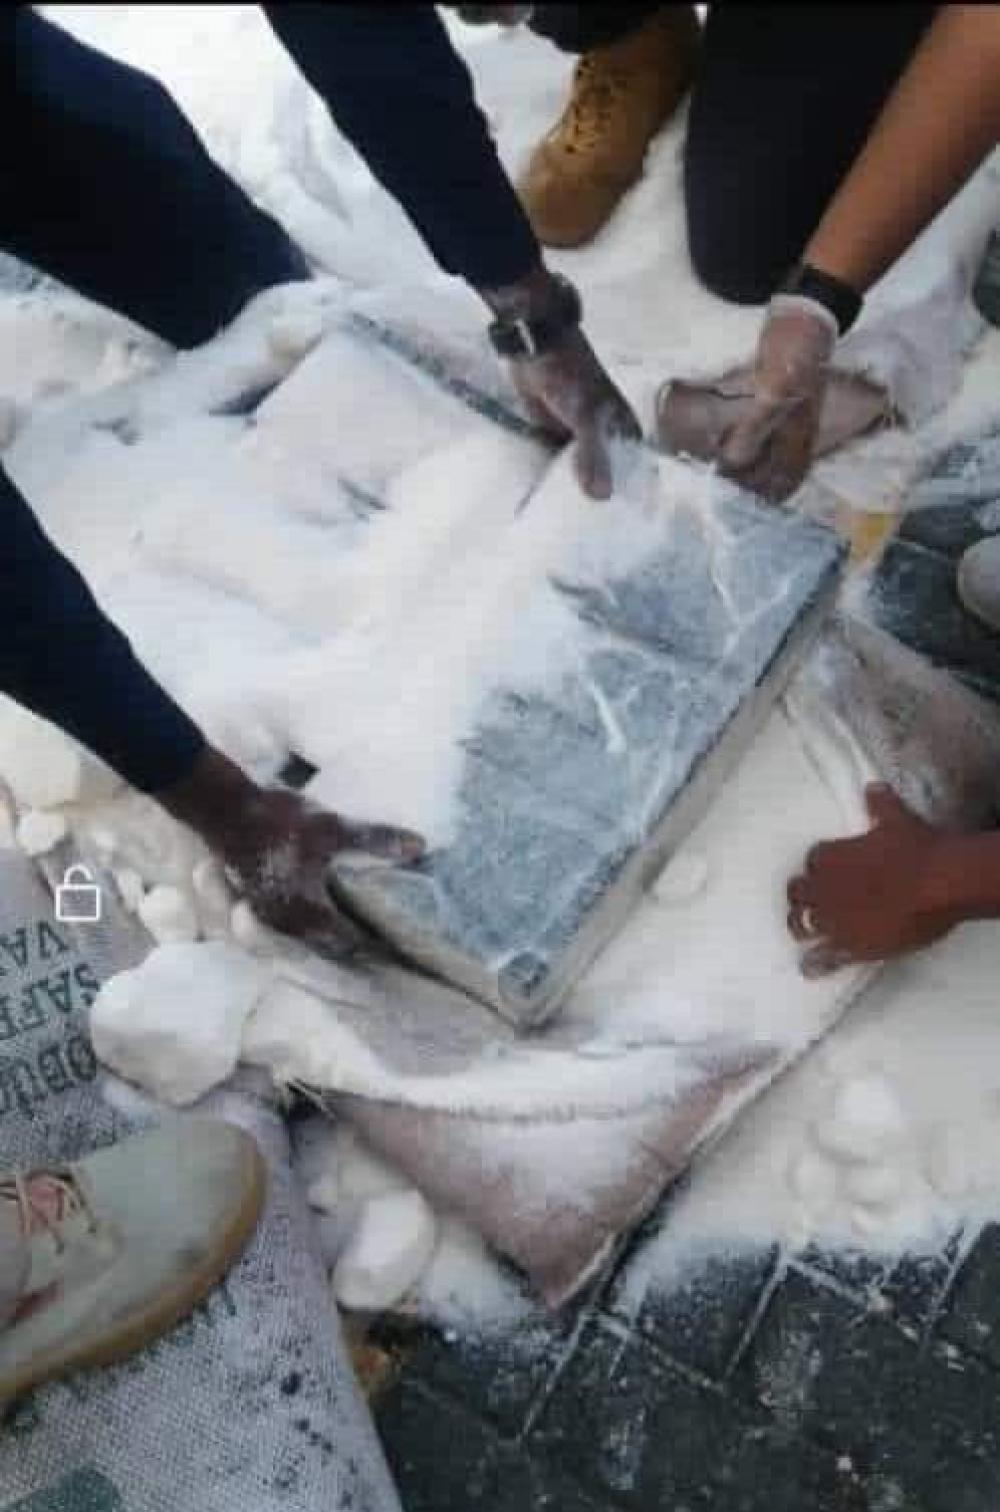 عاجل/تمت عملية إتلاف شحنة المخدرات المضبوطة في ميناء عدن